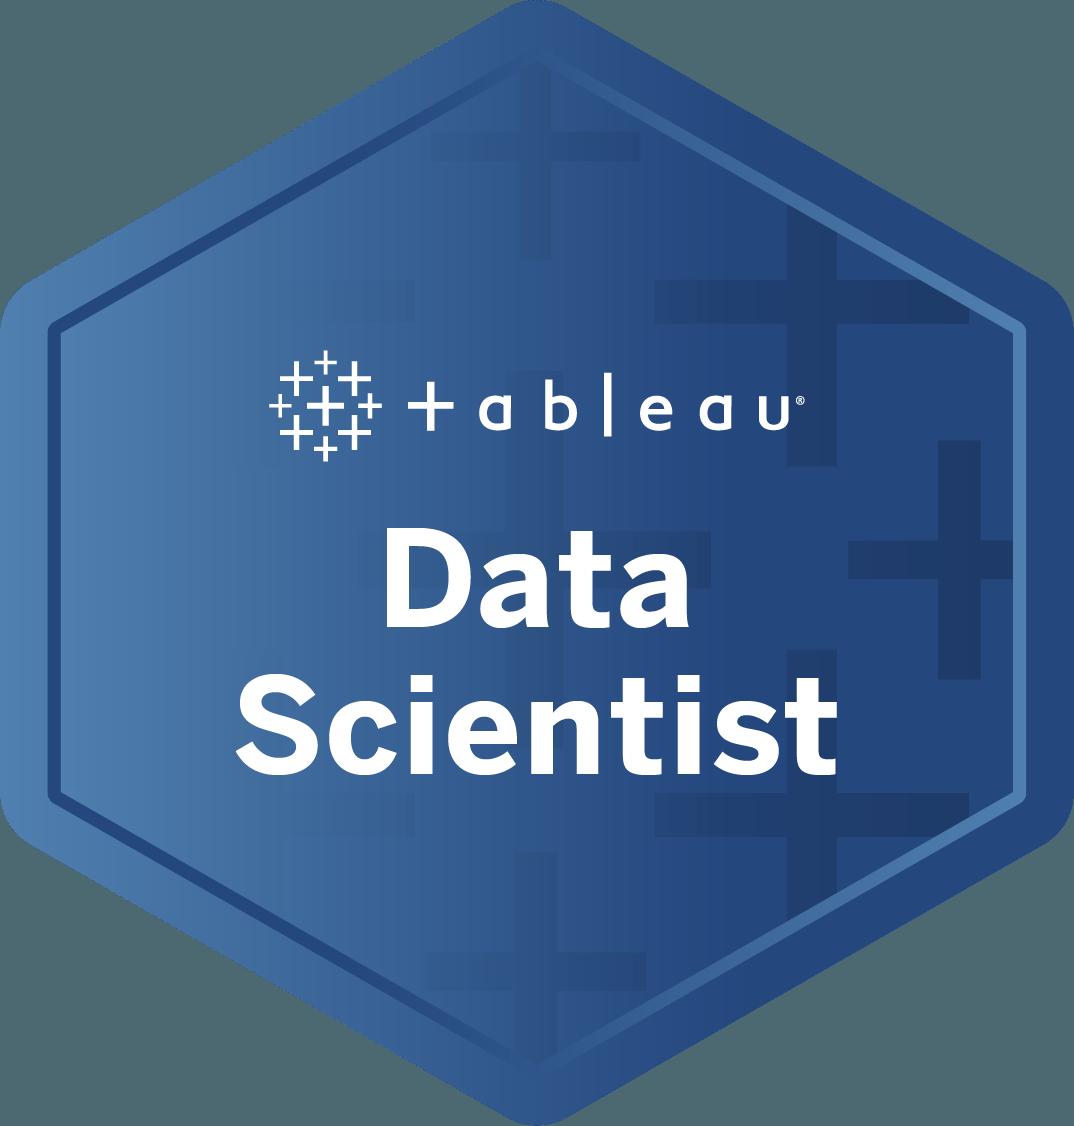 Data Scientist badge